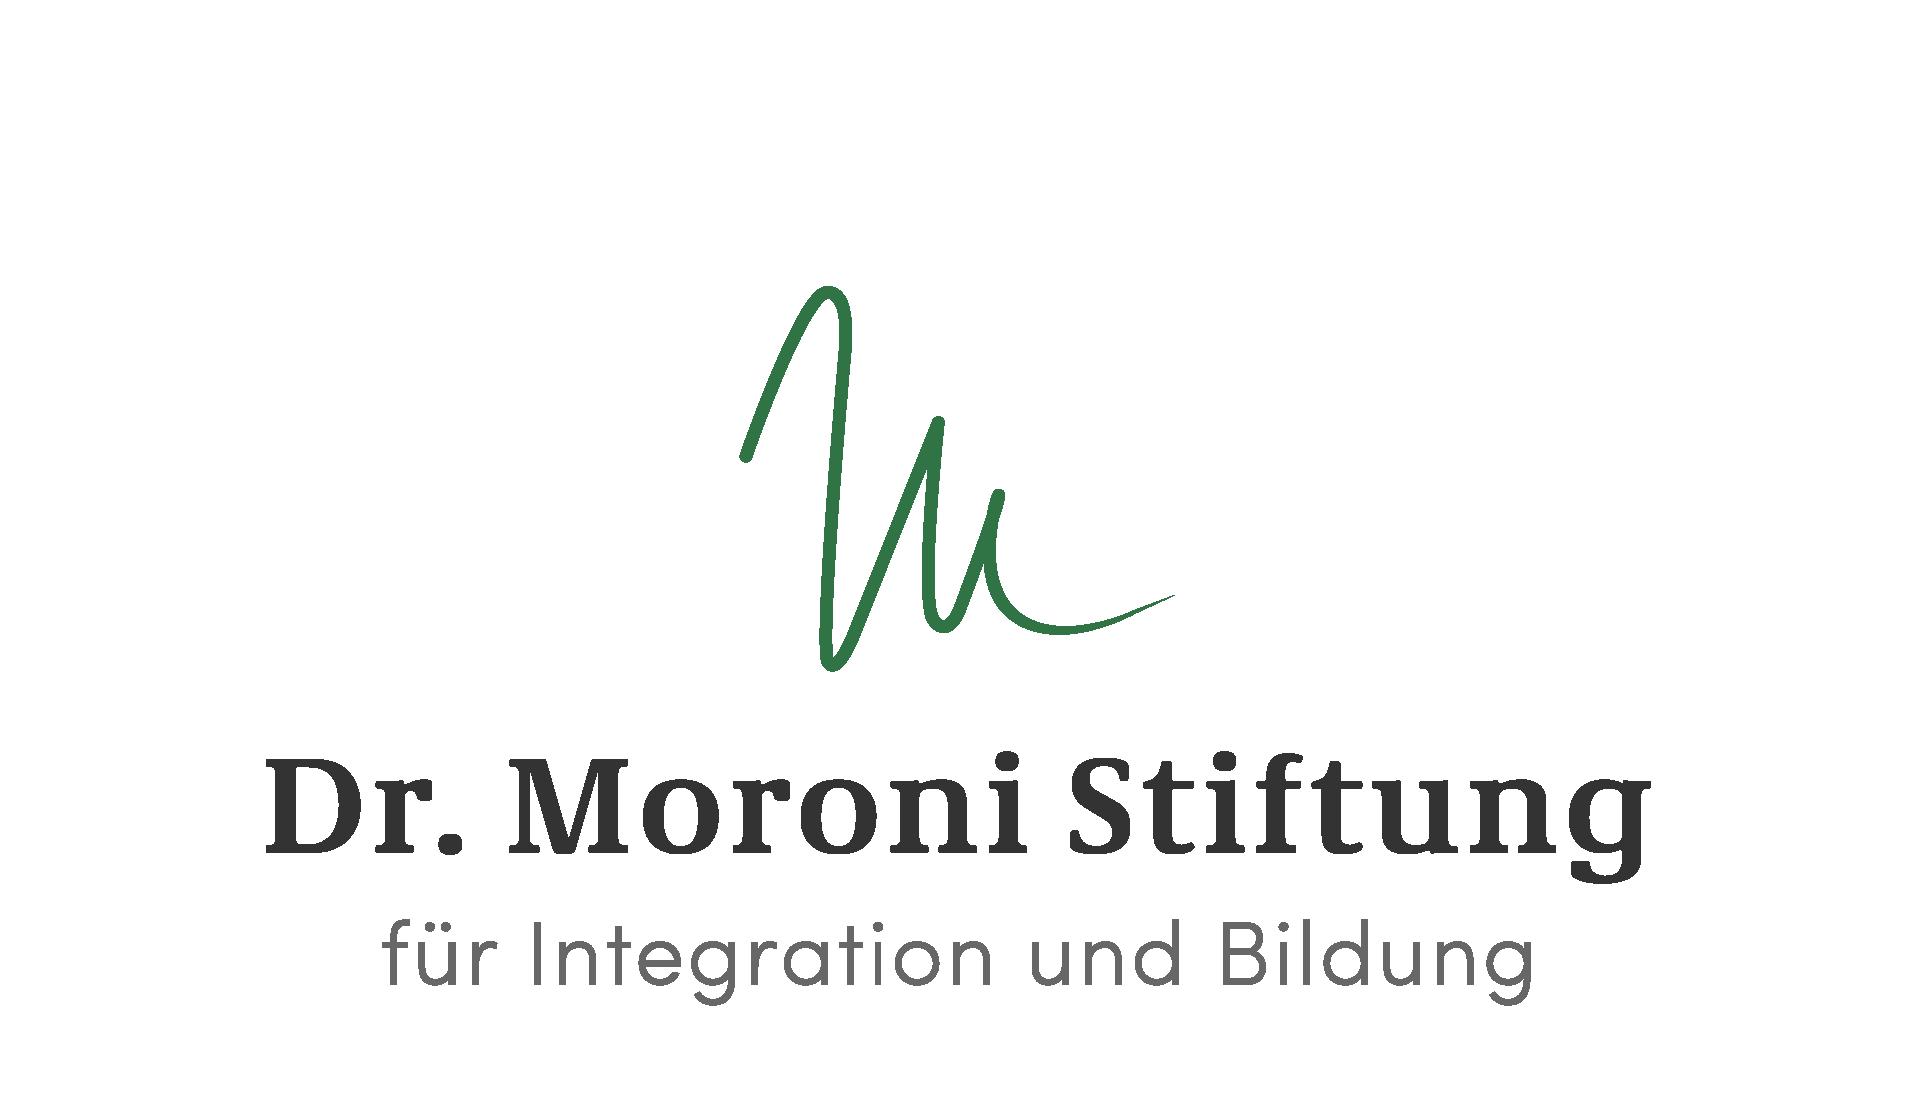 Dr. Moroni Stiftung für Integration & Bildung